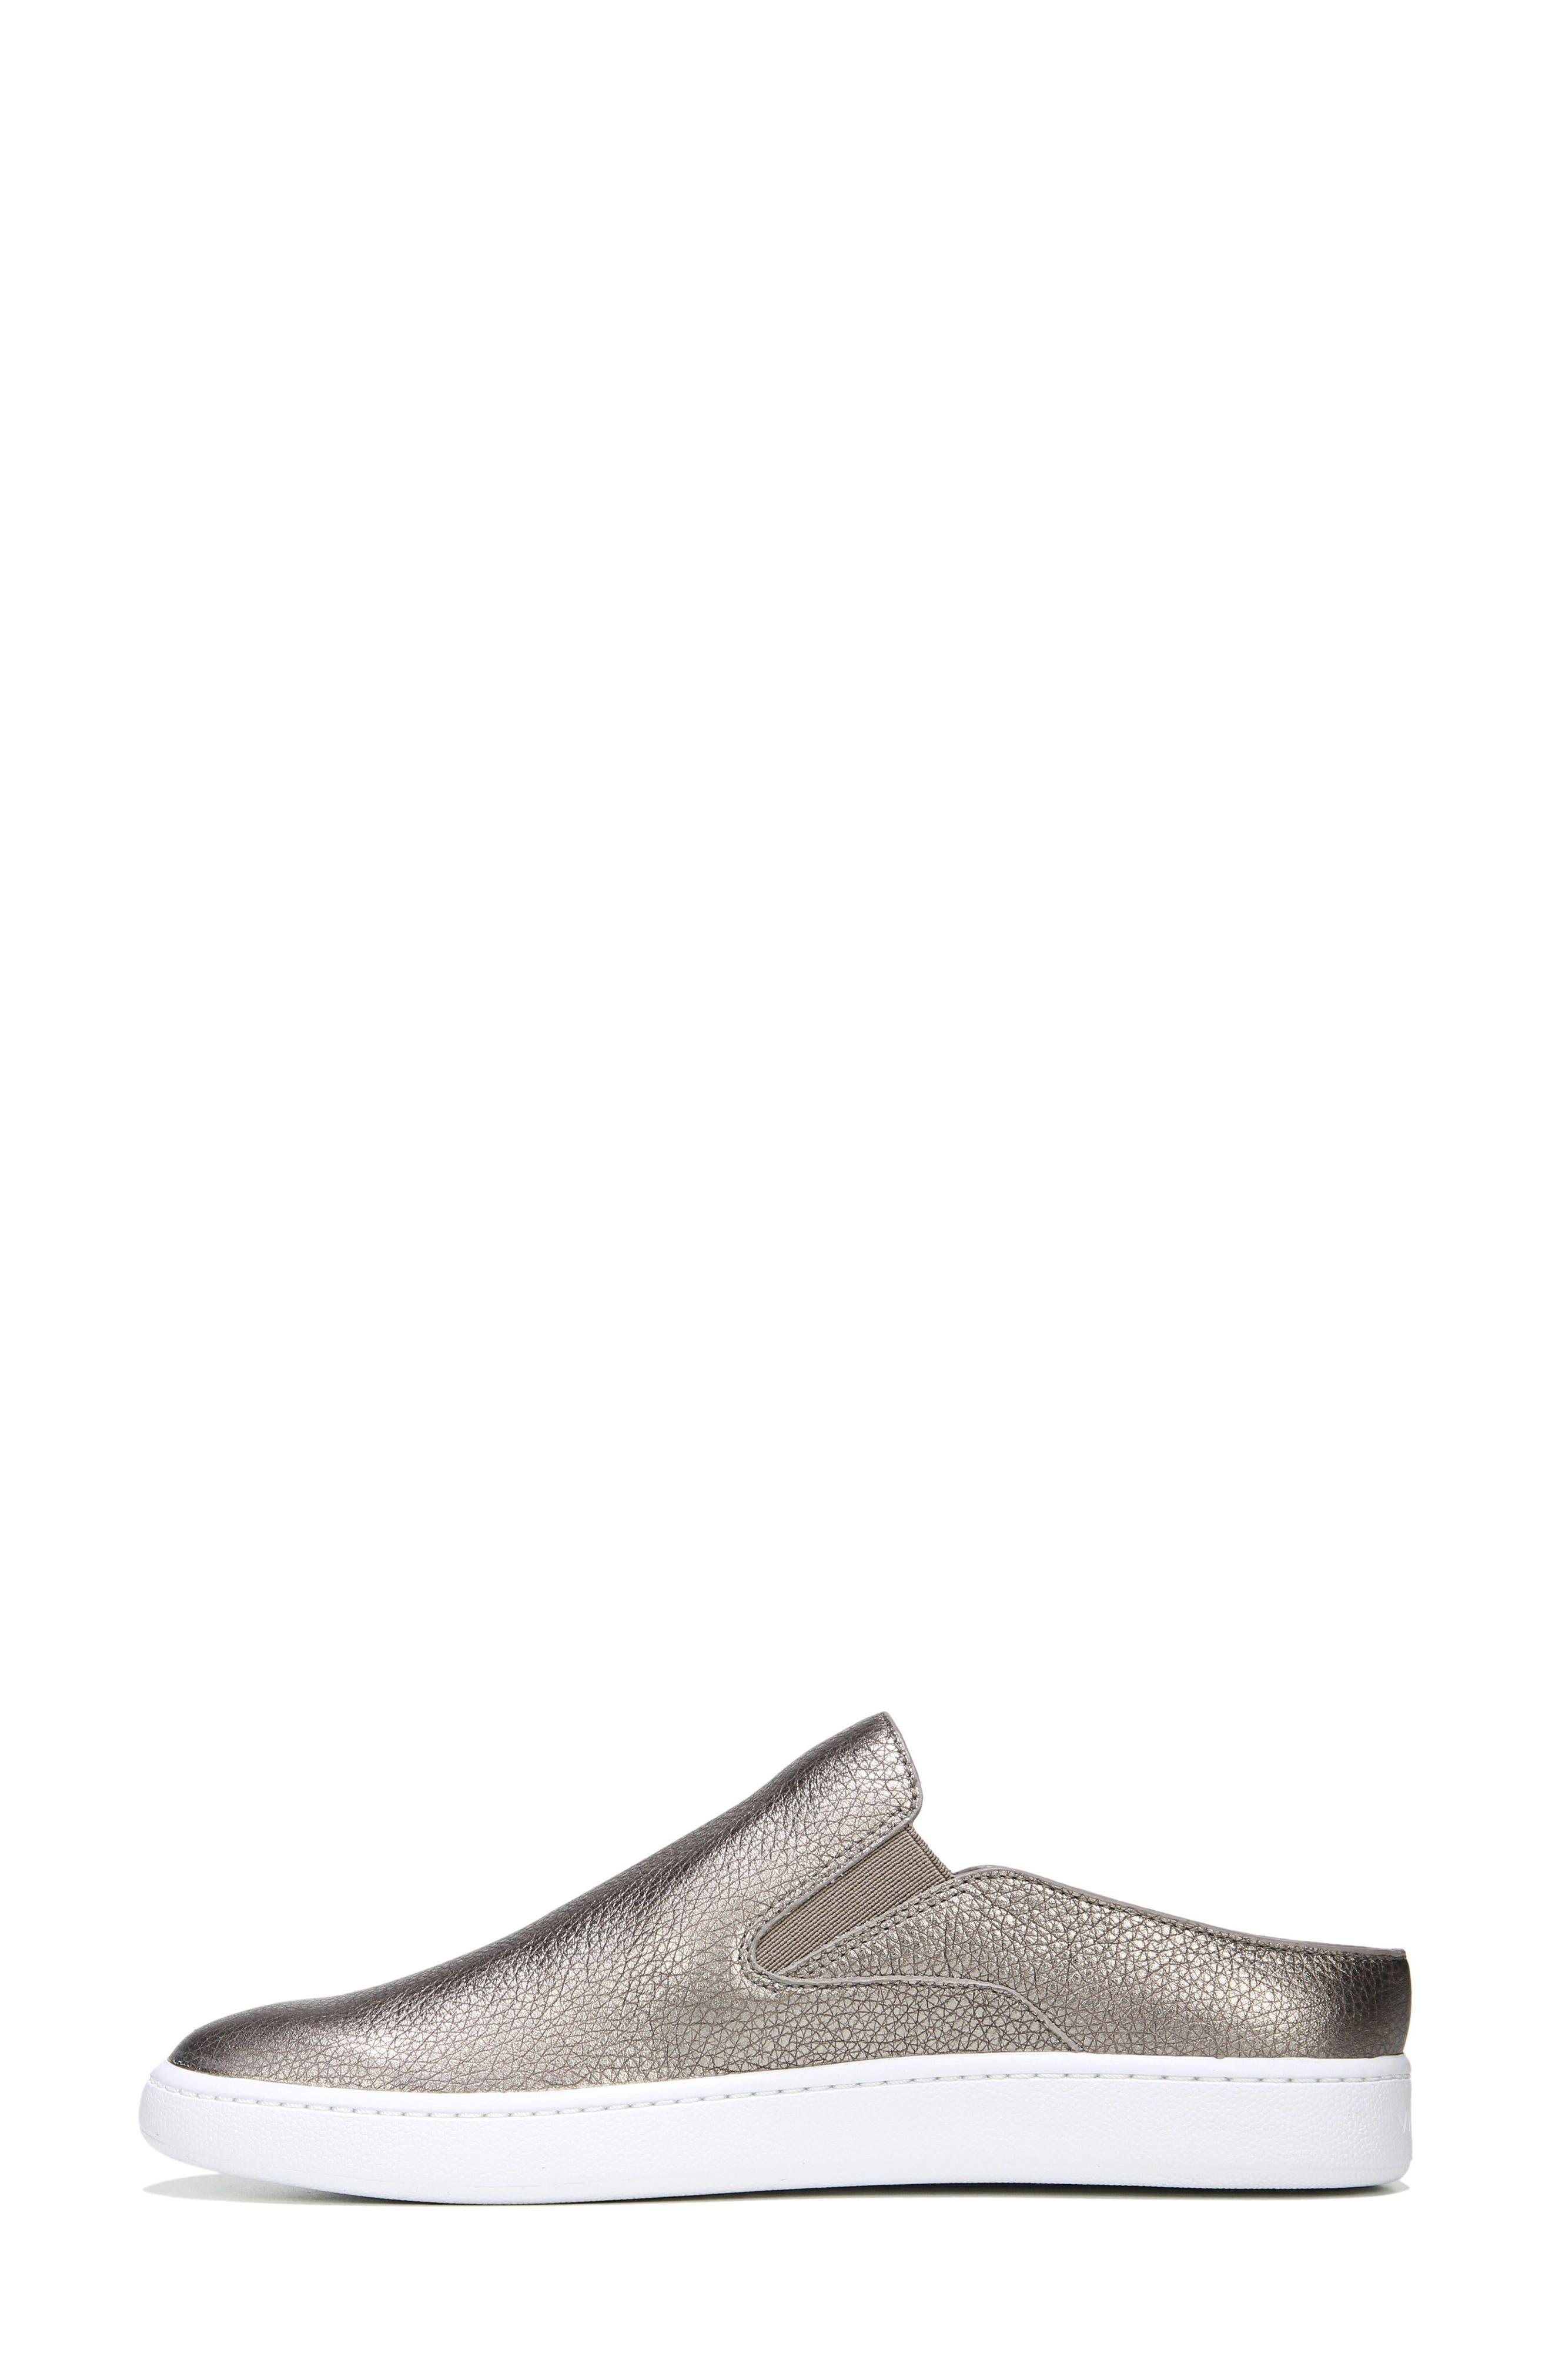 Verrell Slip-On Sneaker,                             Alternate thumbnail 24, color,